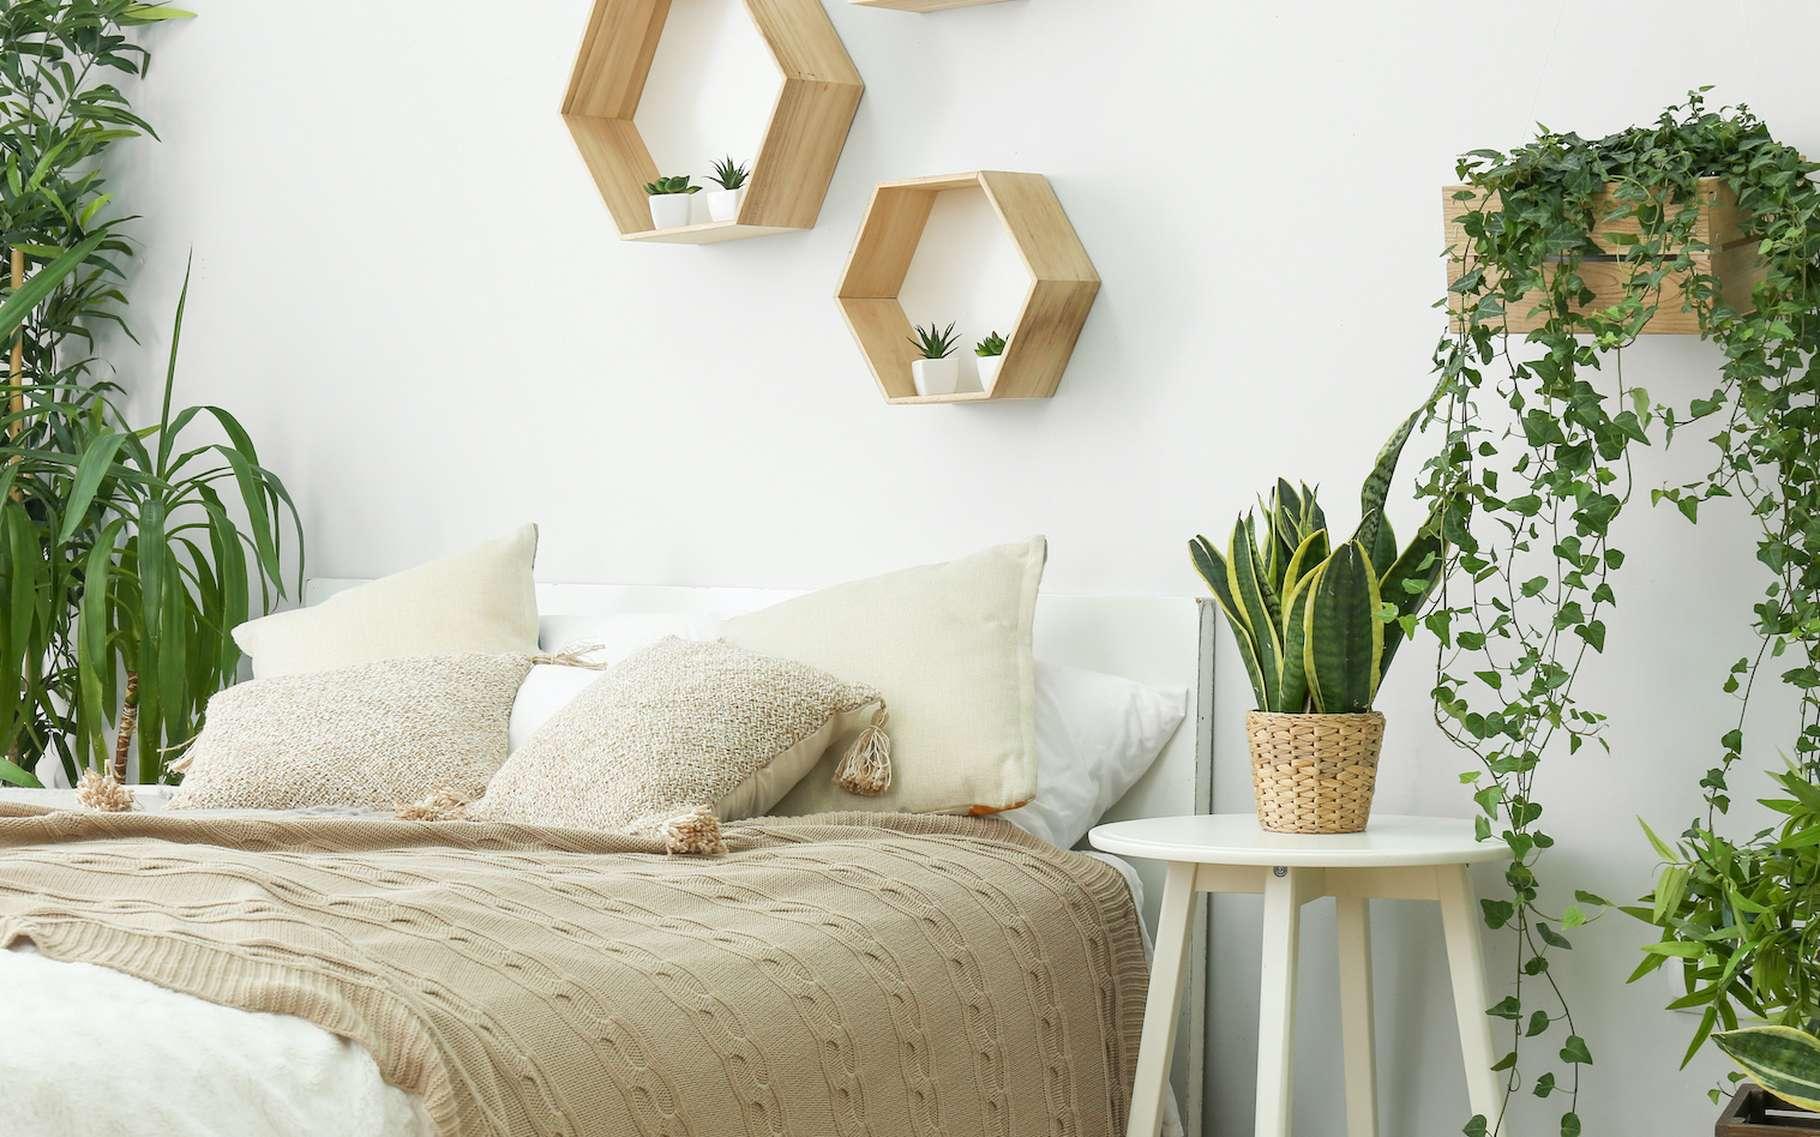 Si vous aimez le vert, n'hésitez pas à placer quelques plantes dans votre chambre. Il n'y a aucun danger. © Pixel-Shot, Adobe Stock